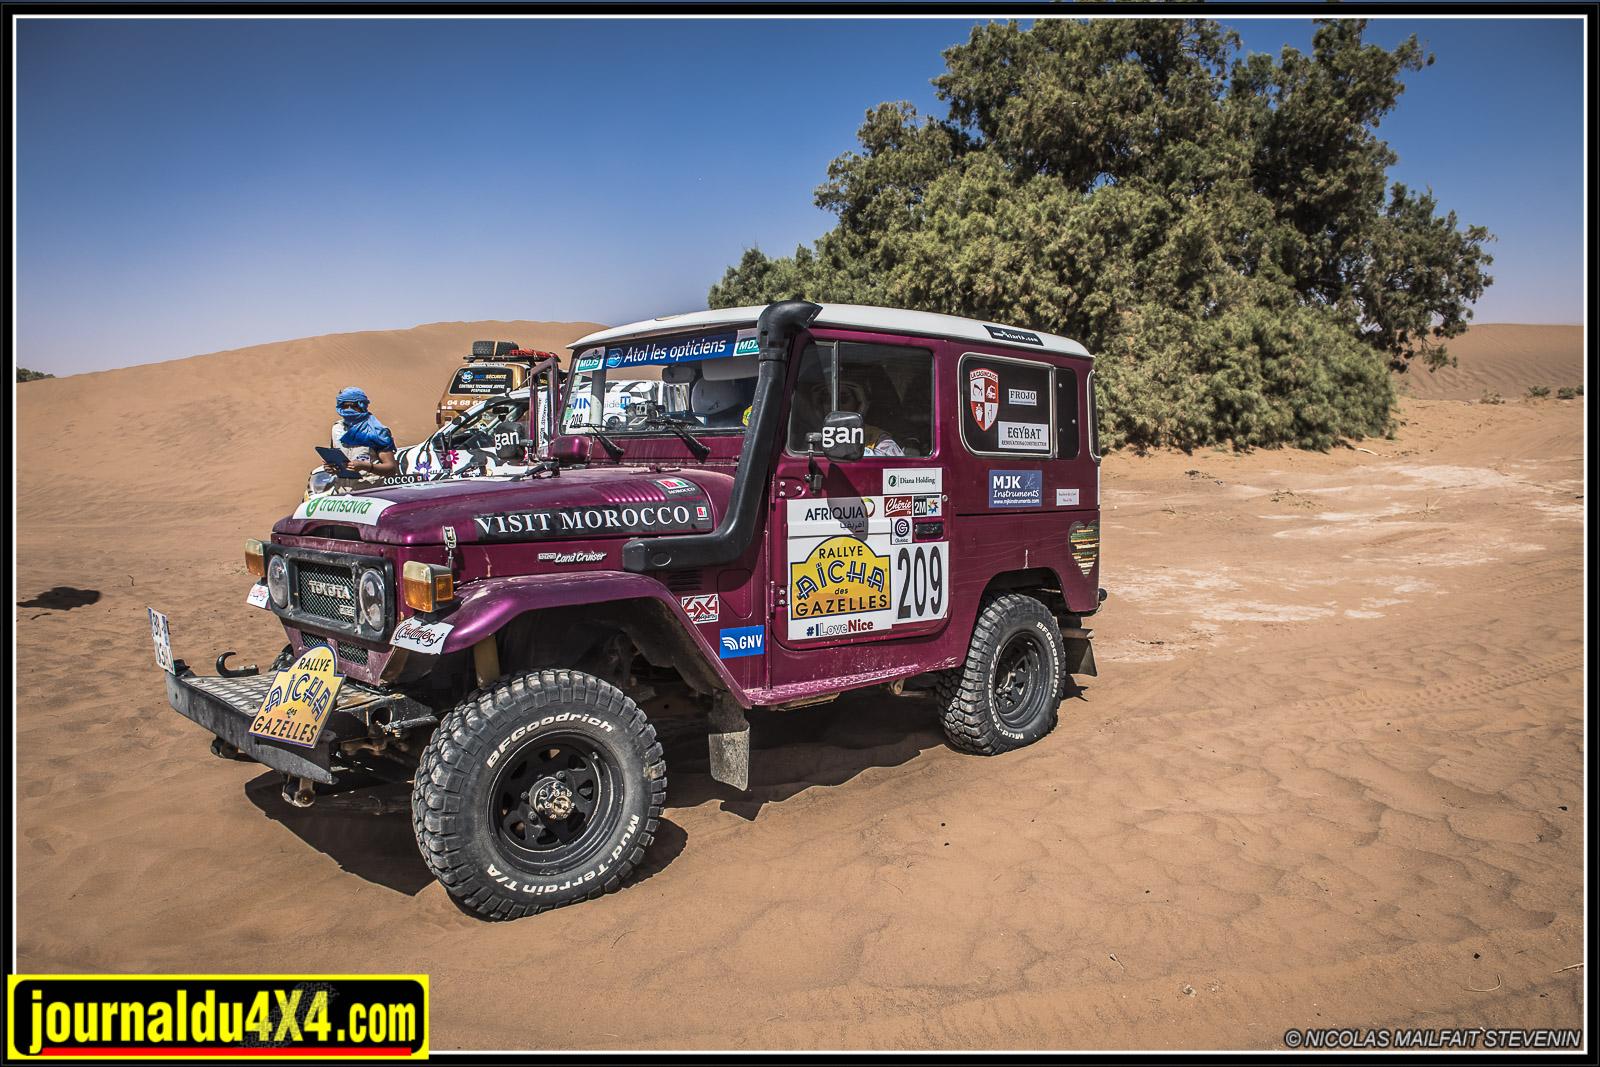 rallye-aicha-gazelles-maroc-2017-7252.jpg